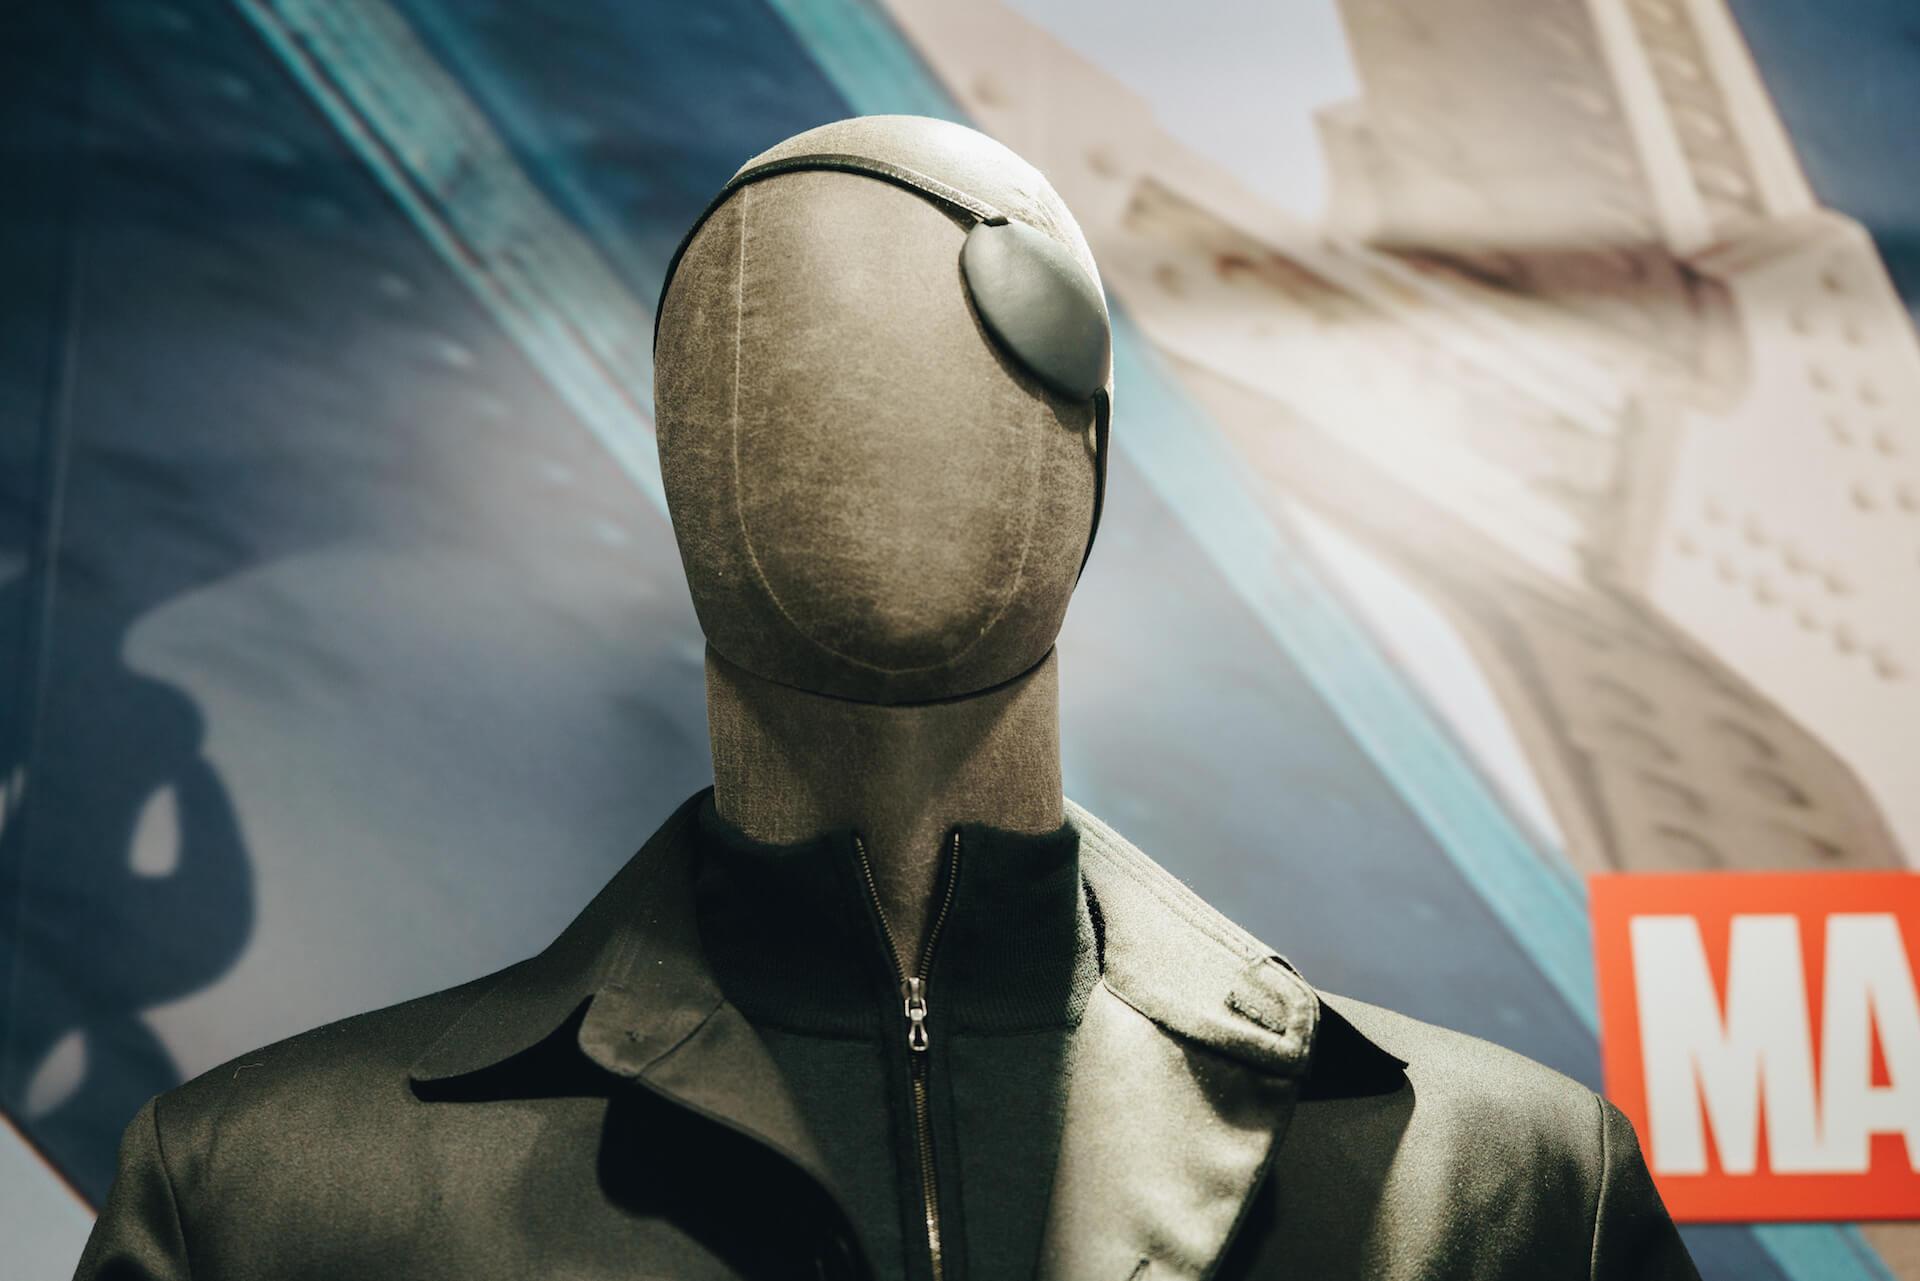 スパイダーマン好きなら目ギラギラ大興奮必至の期間限定ショップ探訪 art-culture-spiderman-store-report-28